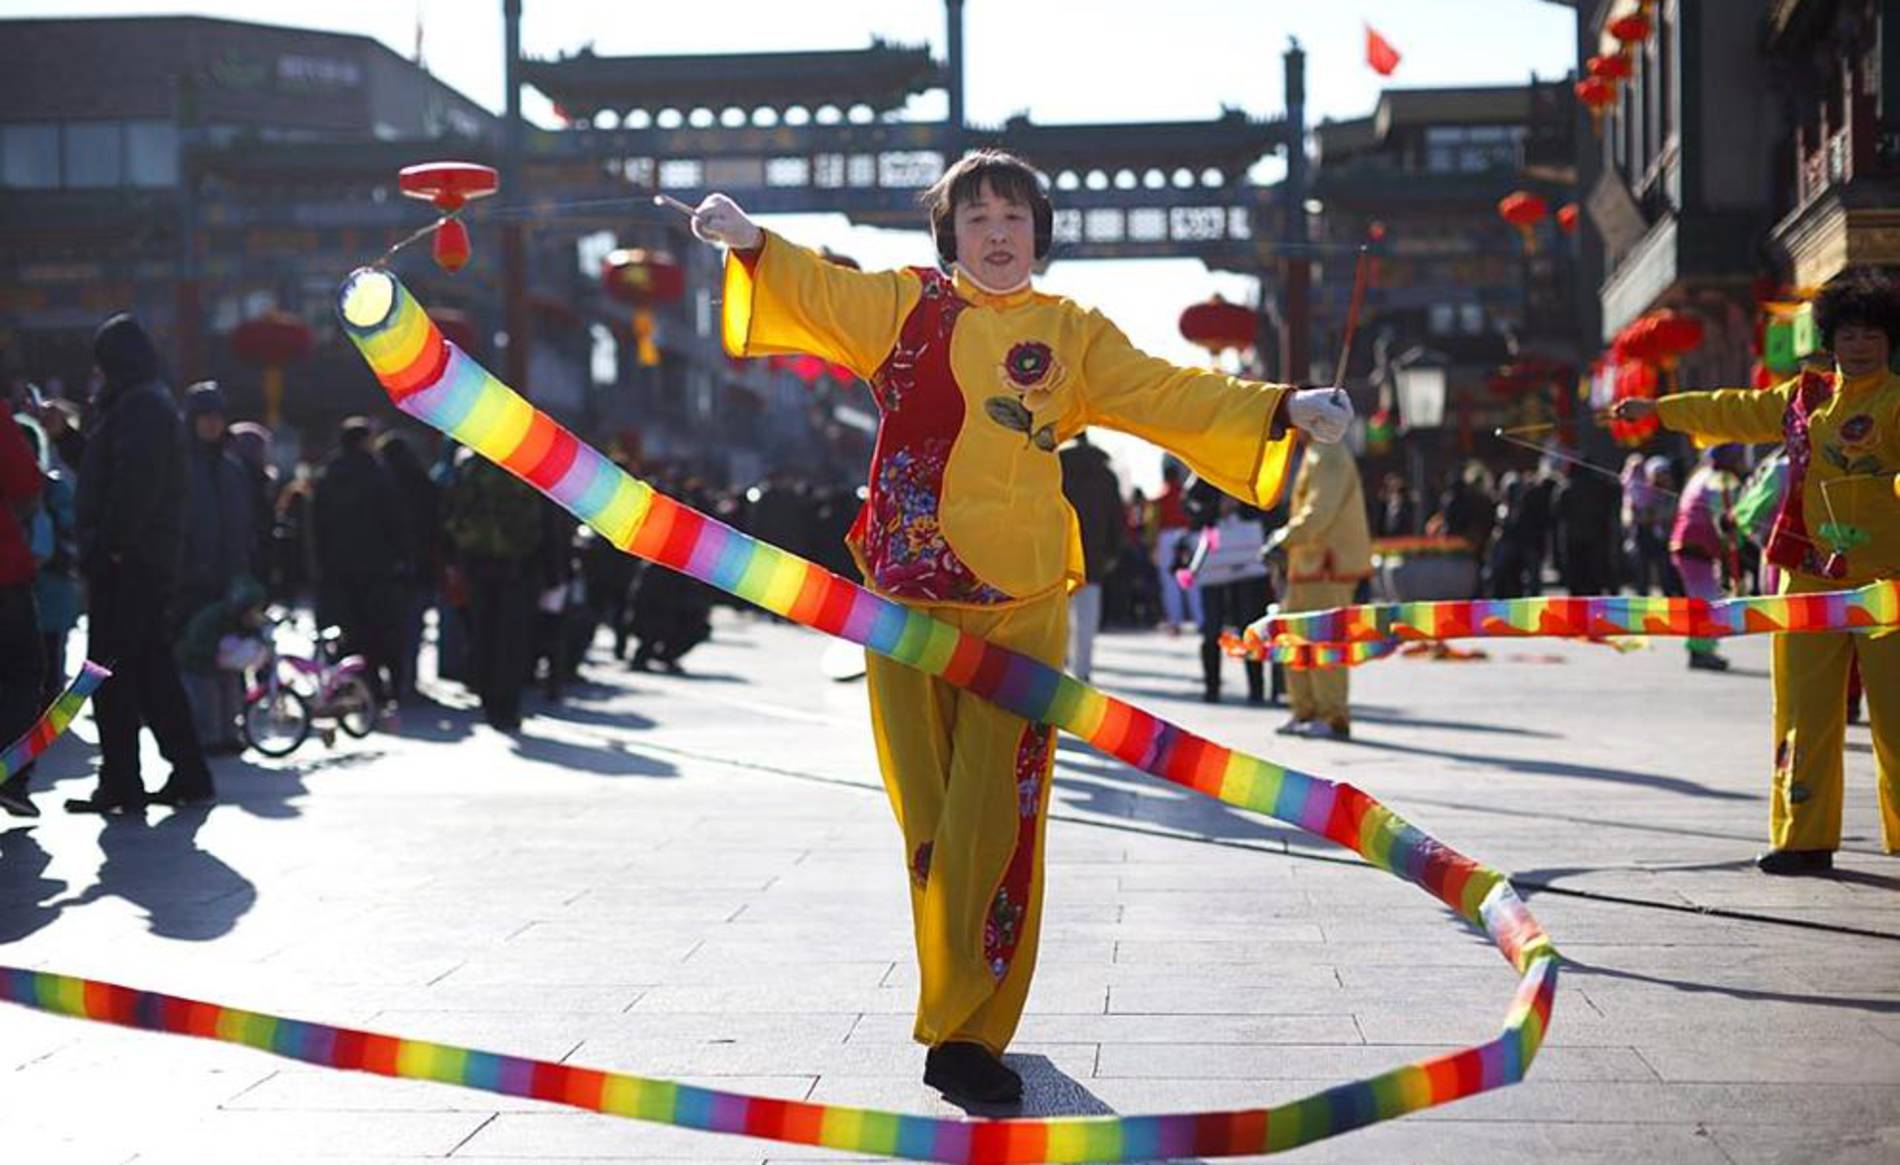 Celebraciones del Festival de la Primavera o Año Nuevo Chino (1/64) - Diferentes actos celebrados con motivo de la celebración del Año Nuevo Lunar en China, conocido también como Festival de la Primavera. - Sociedad -